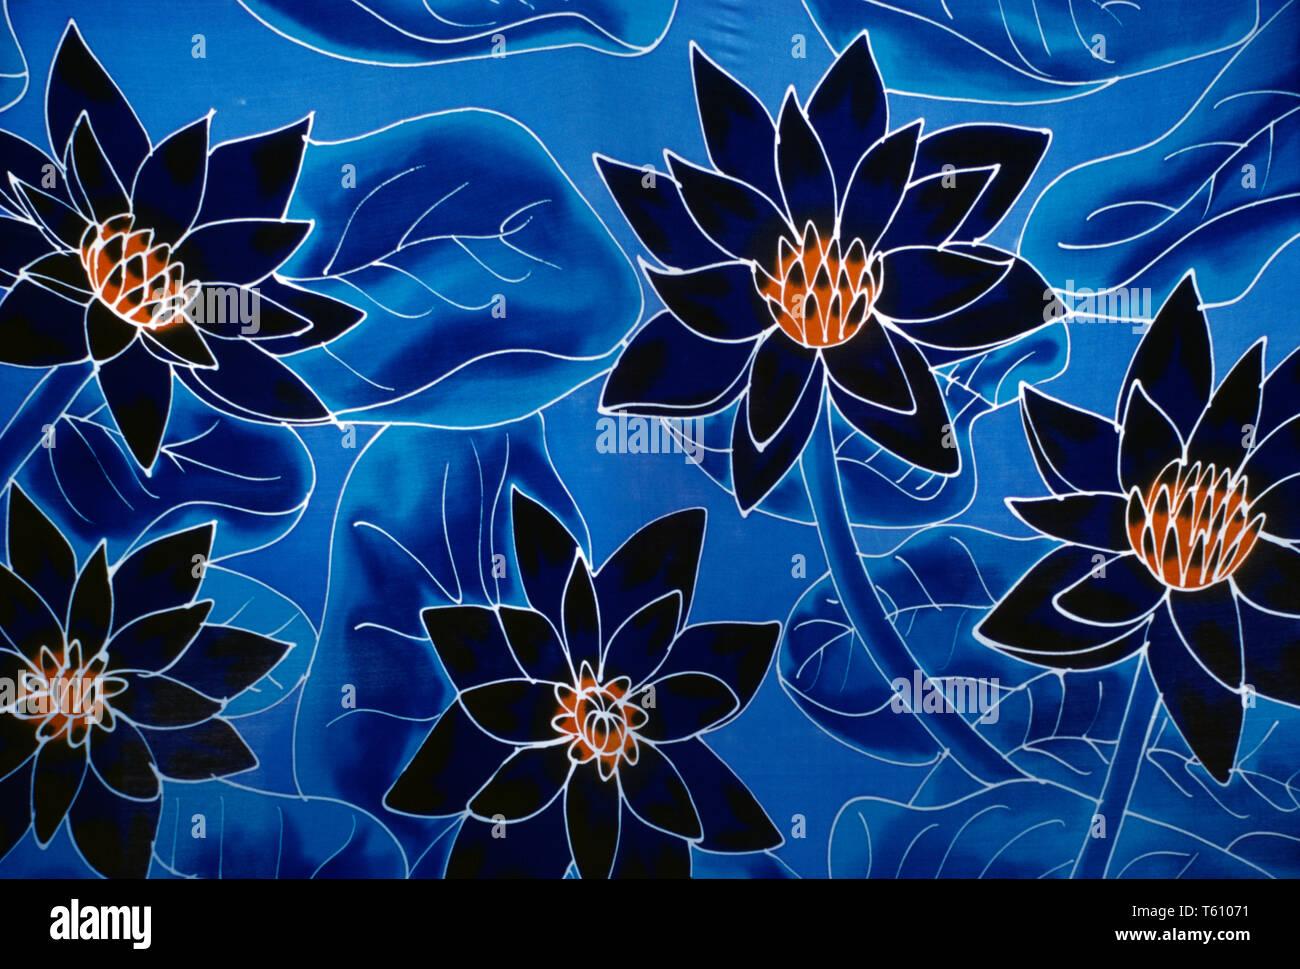 Polinesia francese. Isole della Società. Tahiti. Close up stampati floreali tessile abbigliamento. Immagini Stock